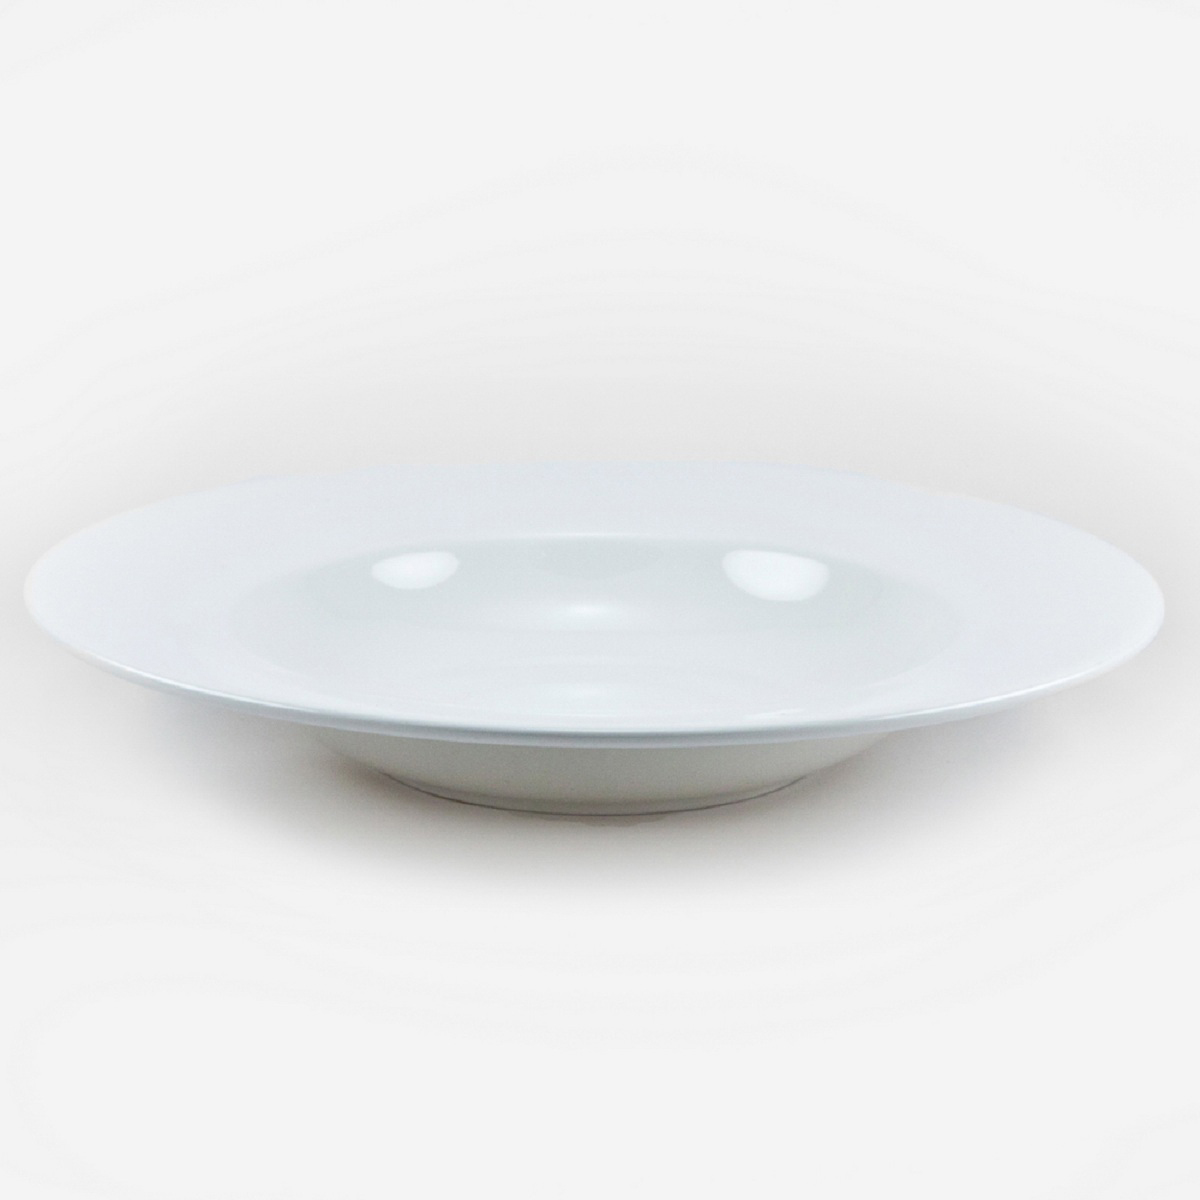 Тарелка для пасты Royal Porcelain Ascot, 28 смB1062ROYAL новый уникальный продукт на рынке фарфора производится из материала, в состав которого входит алюминиум (глинозем) в виде порошка, что придаёт фарфору уникальные свойства: белоснежный цвет, как на поверхности, так и на изломе, более тонкие и изящные формы, так как добавление металла делает фарфоровую массу более пластичной, устойчивость к сколам и царапинам. Возможный перепад температур при эксплуатации до 200 градусов! Фарфор покрывается глазурью, что характеризует эту посуду как продукт высшего класса. Идеально подходит для использования в микроволновой печи и посудомоечной машине